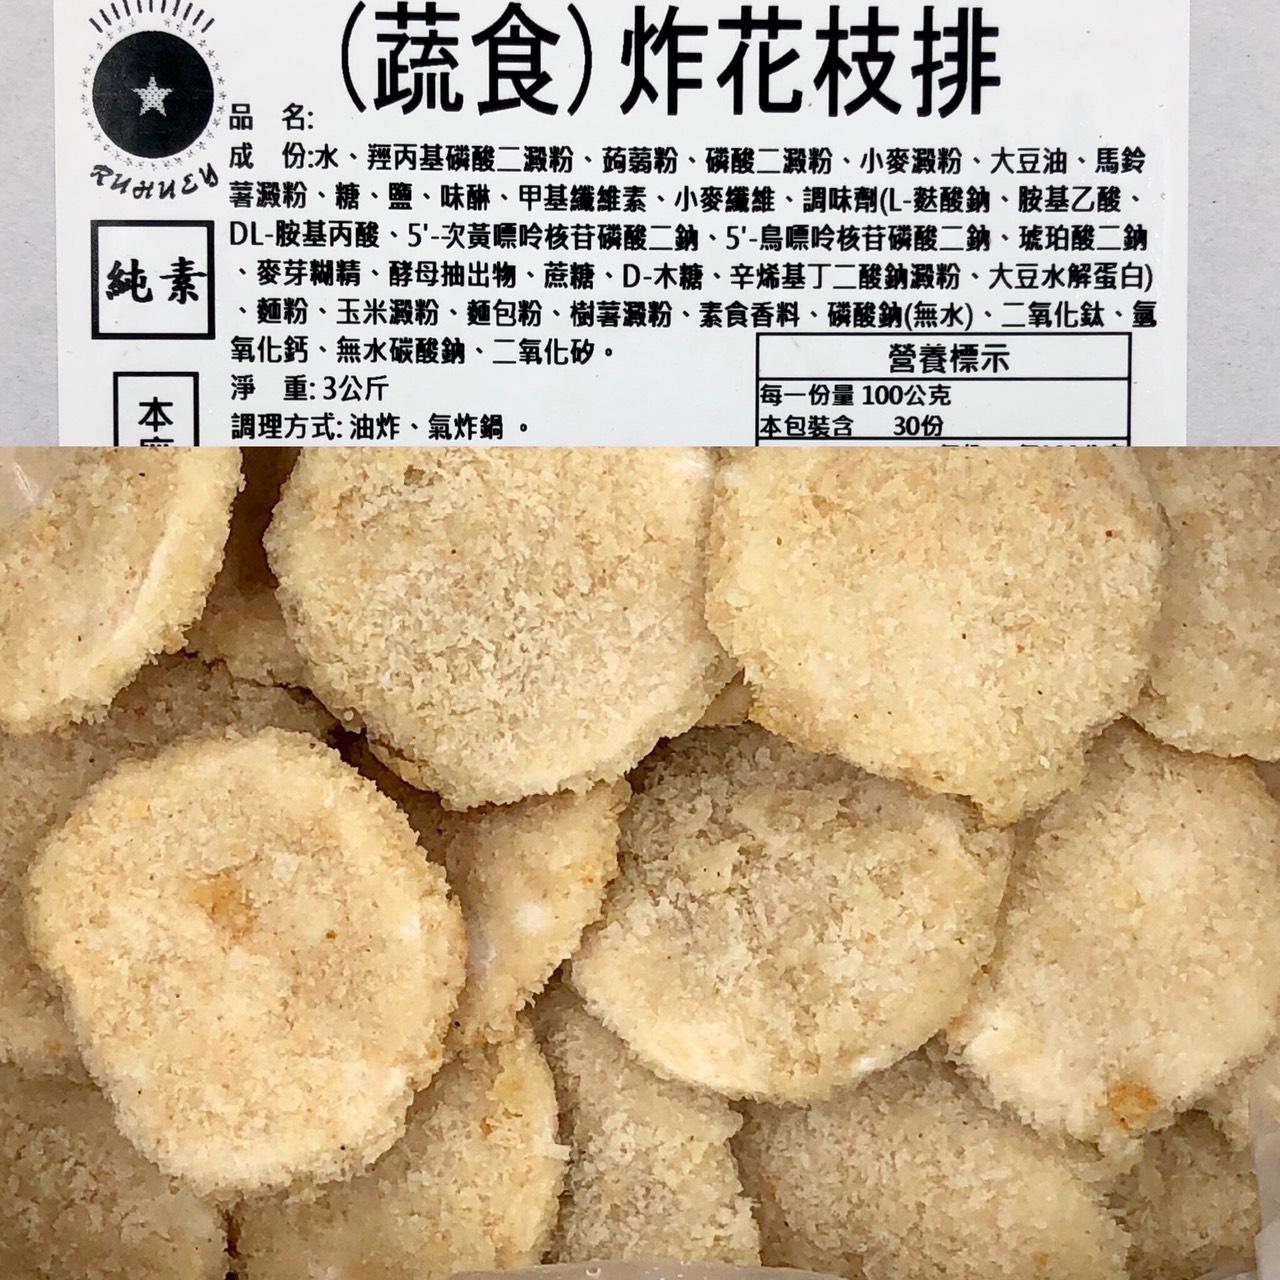 (儒慧)蔬食/炸花枝排5斤(全素)